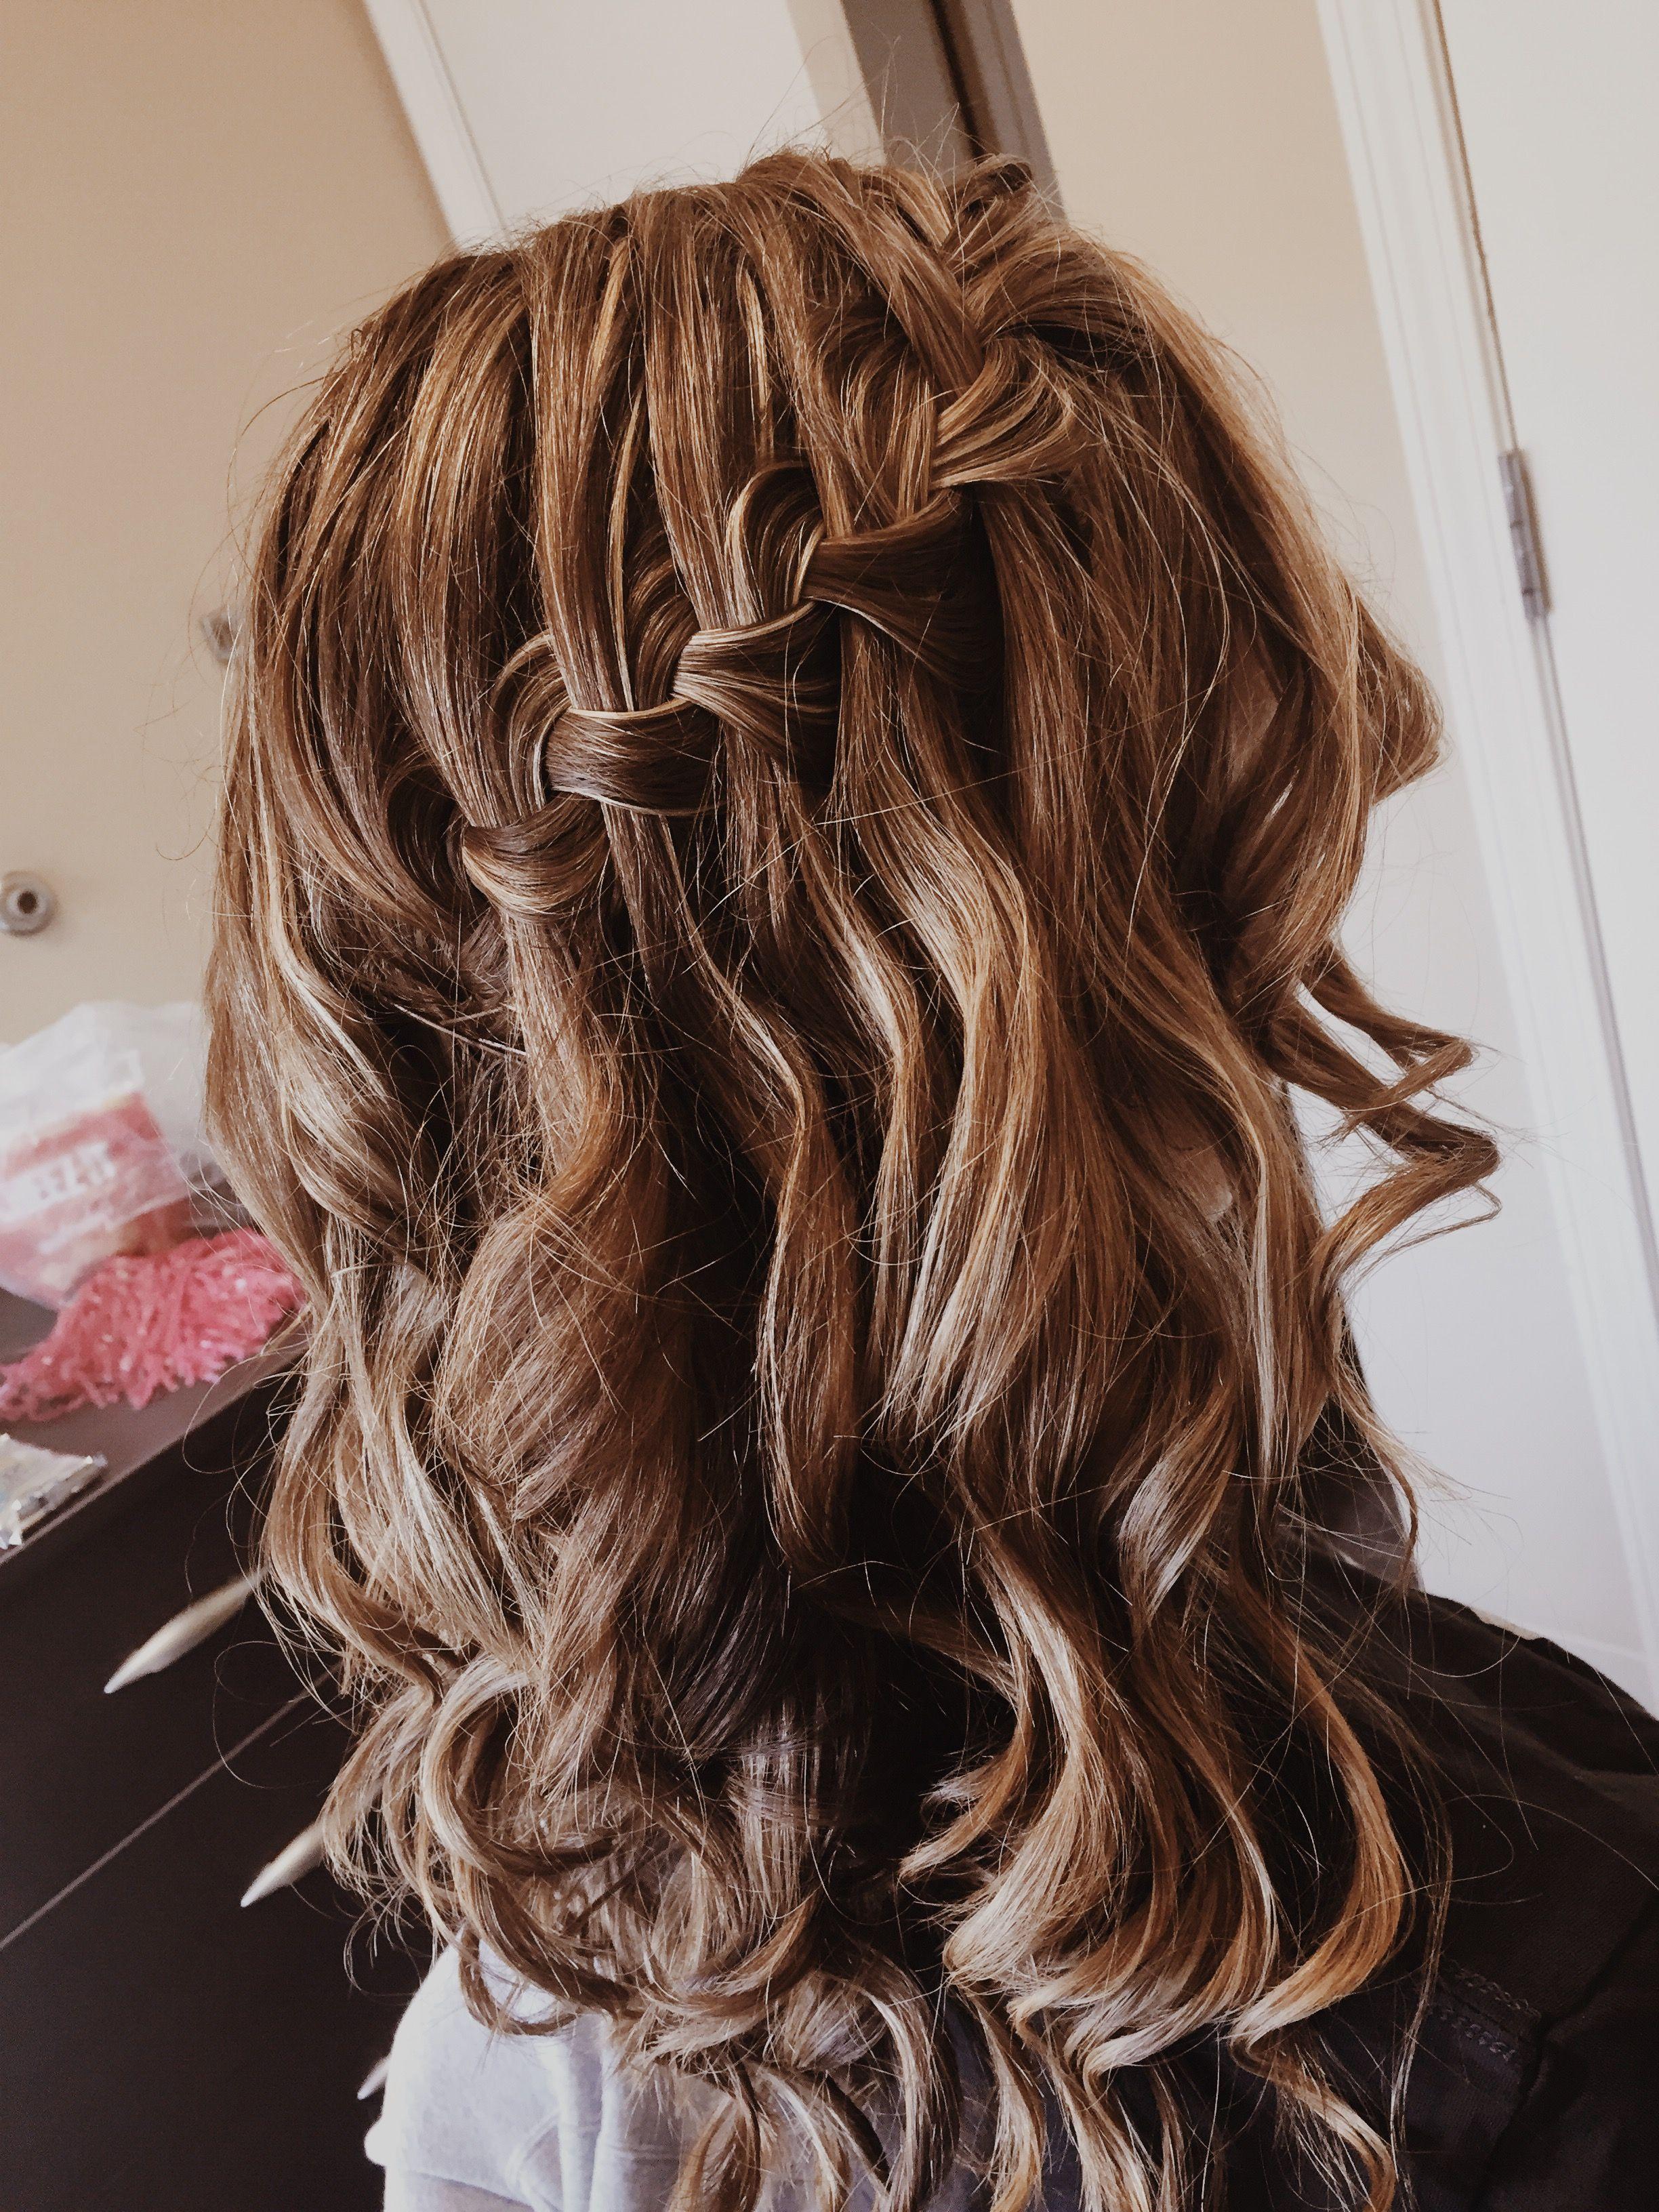 hair goals | curls | prom hair | waterfall braid | blonde ...